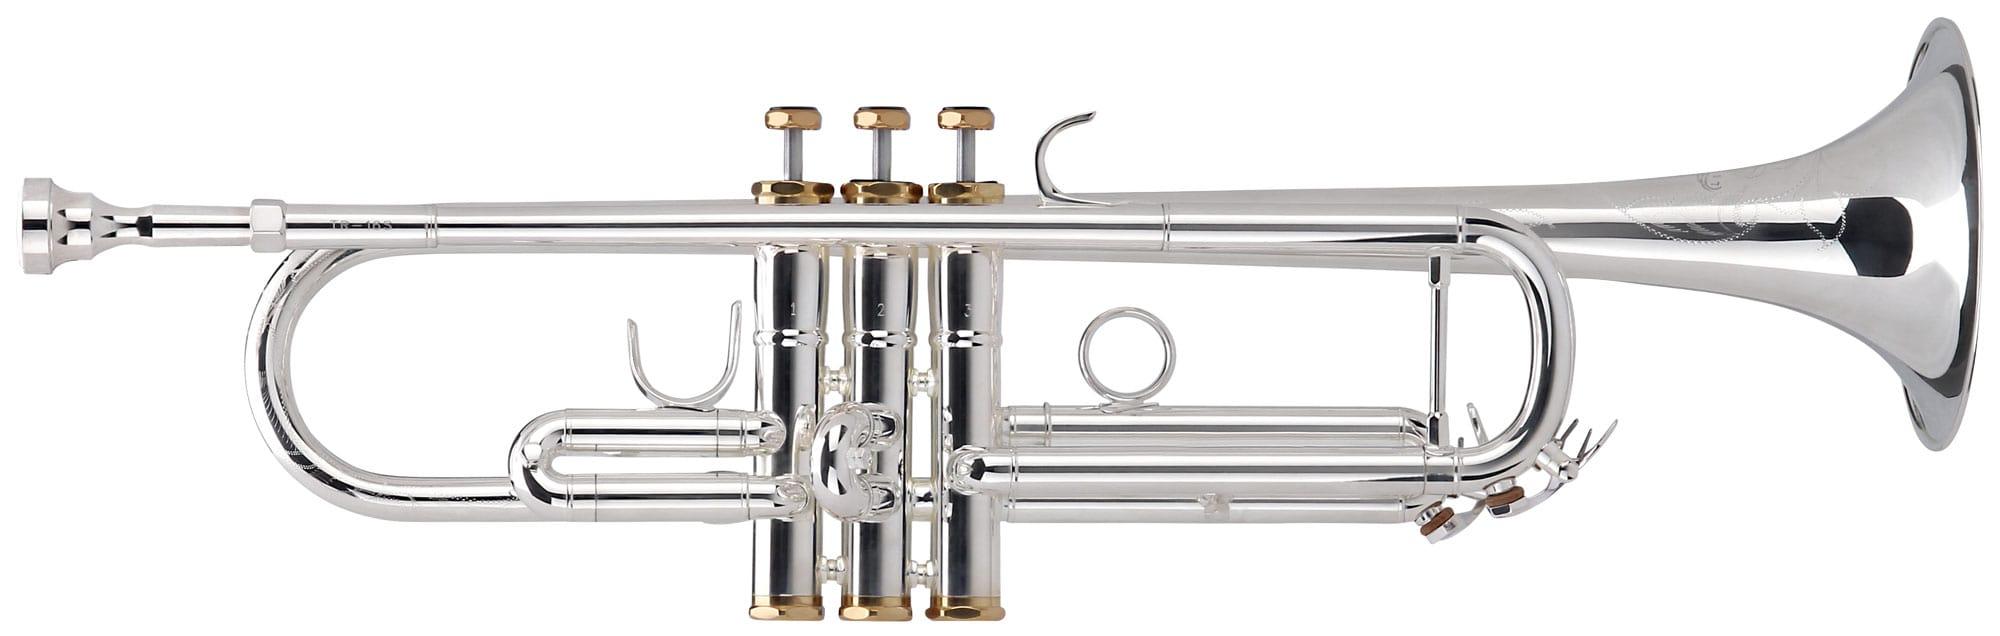 Lechgold TR 16S Bb Trompete